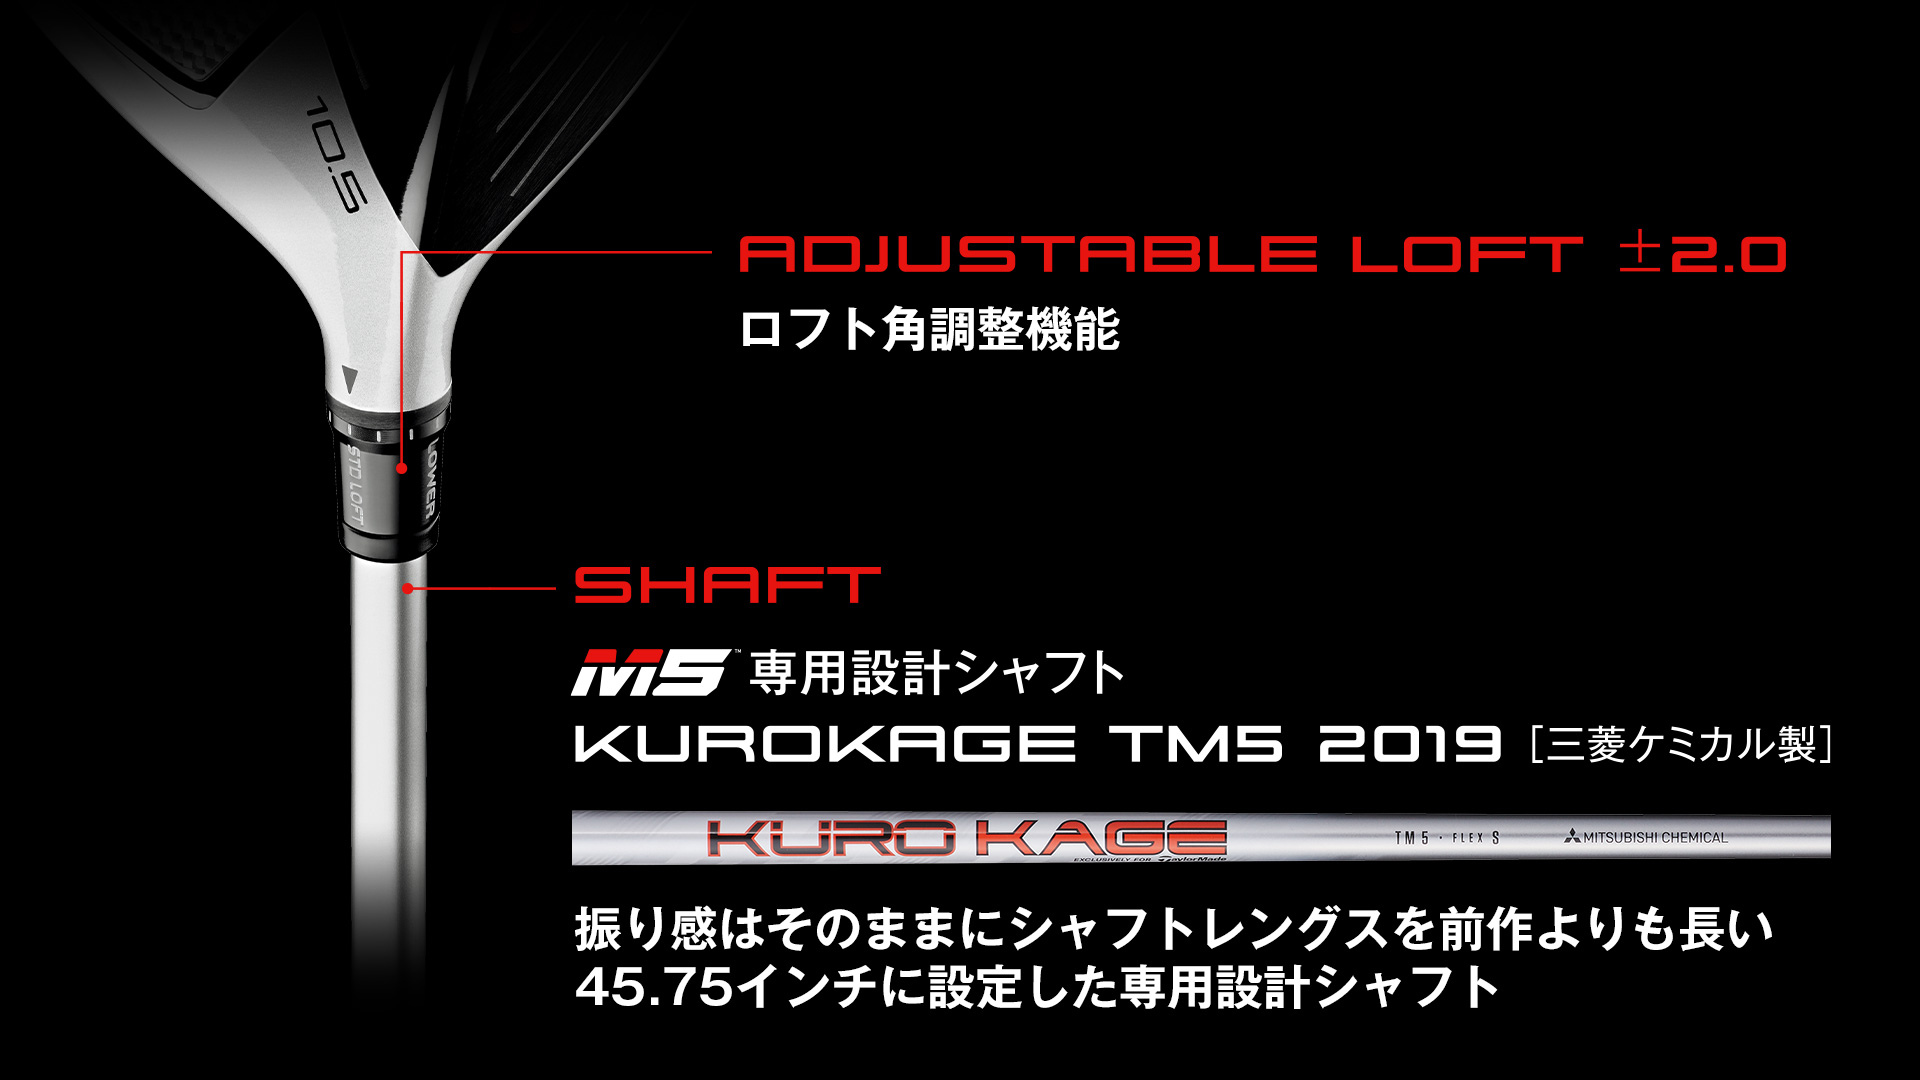 「ロフト角調整機能」「M5専用設計シャフト」